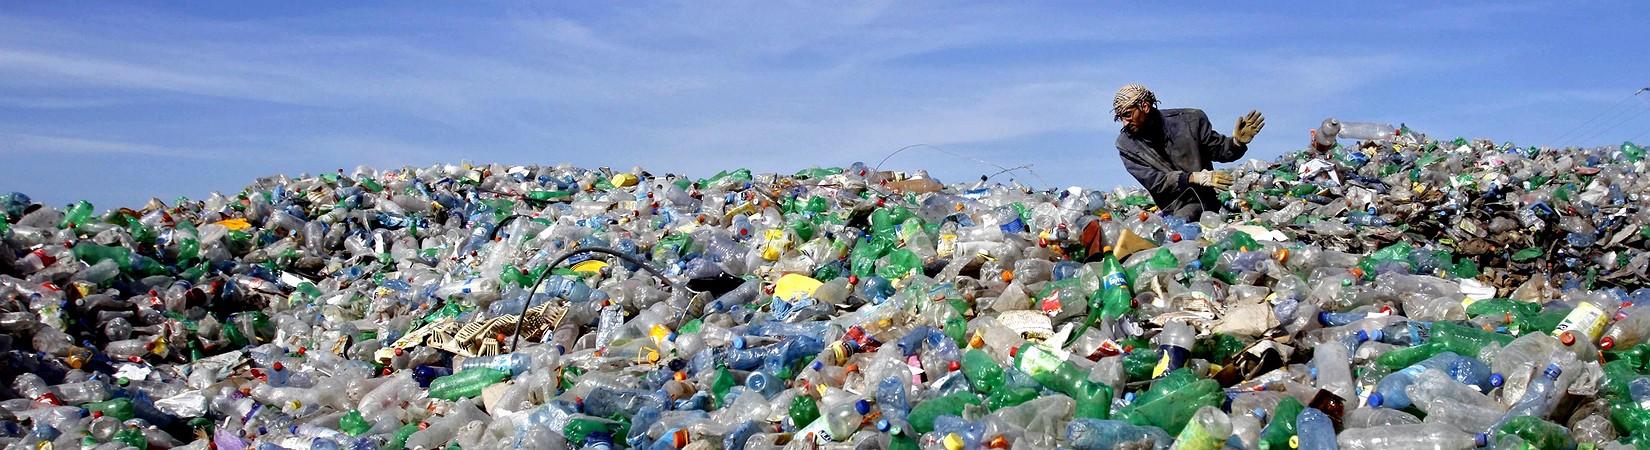 Gli esseri umani hanno prodotto 9 miliardi di tonnellate di plastica dal 1950 a oggi